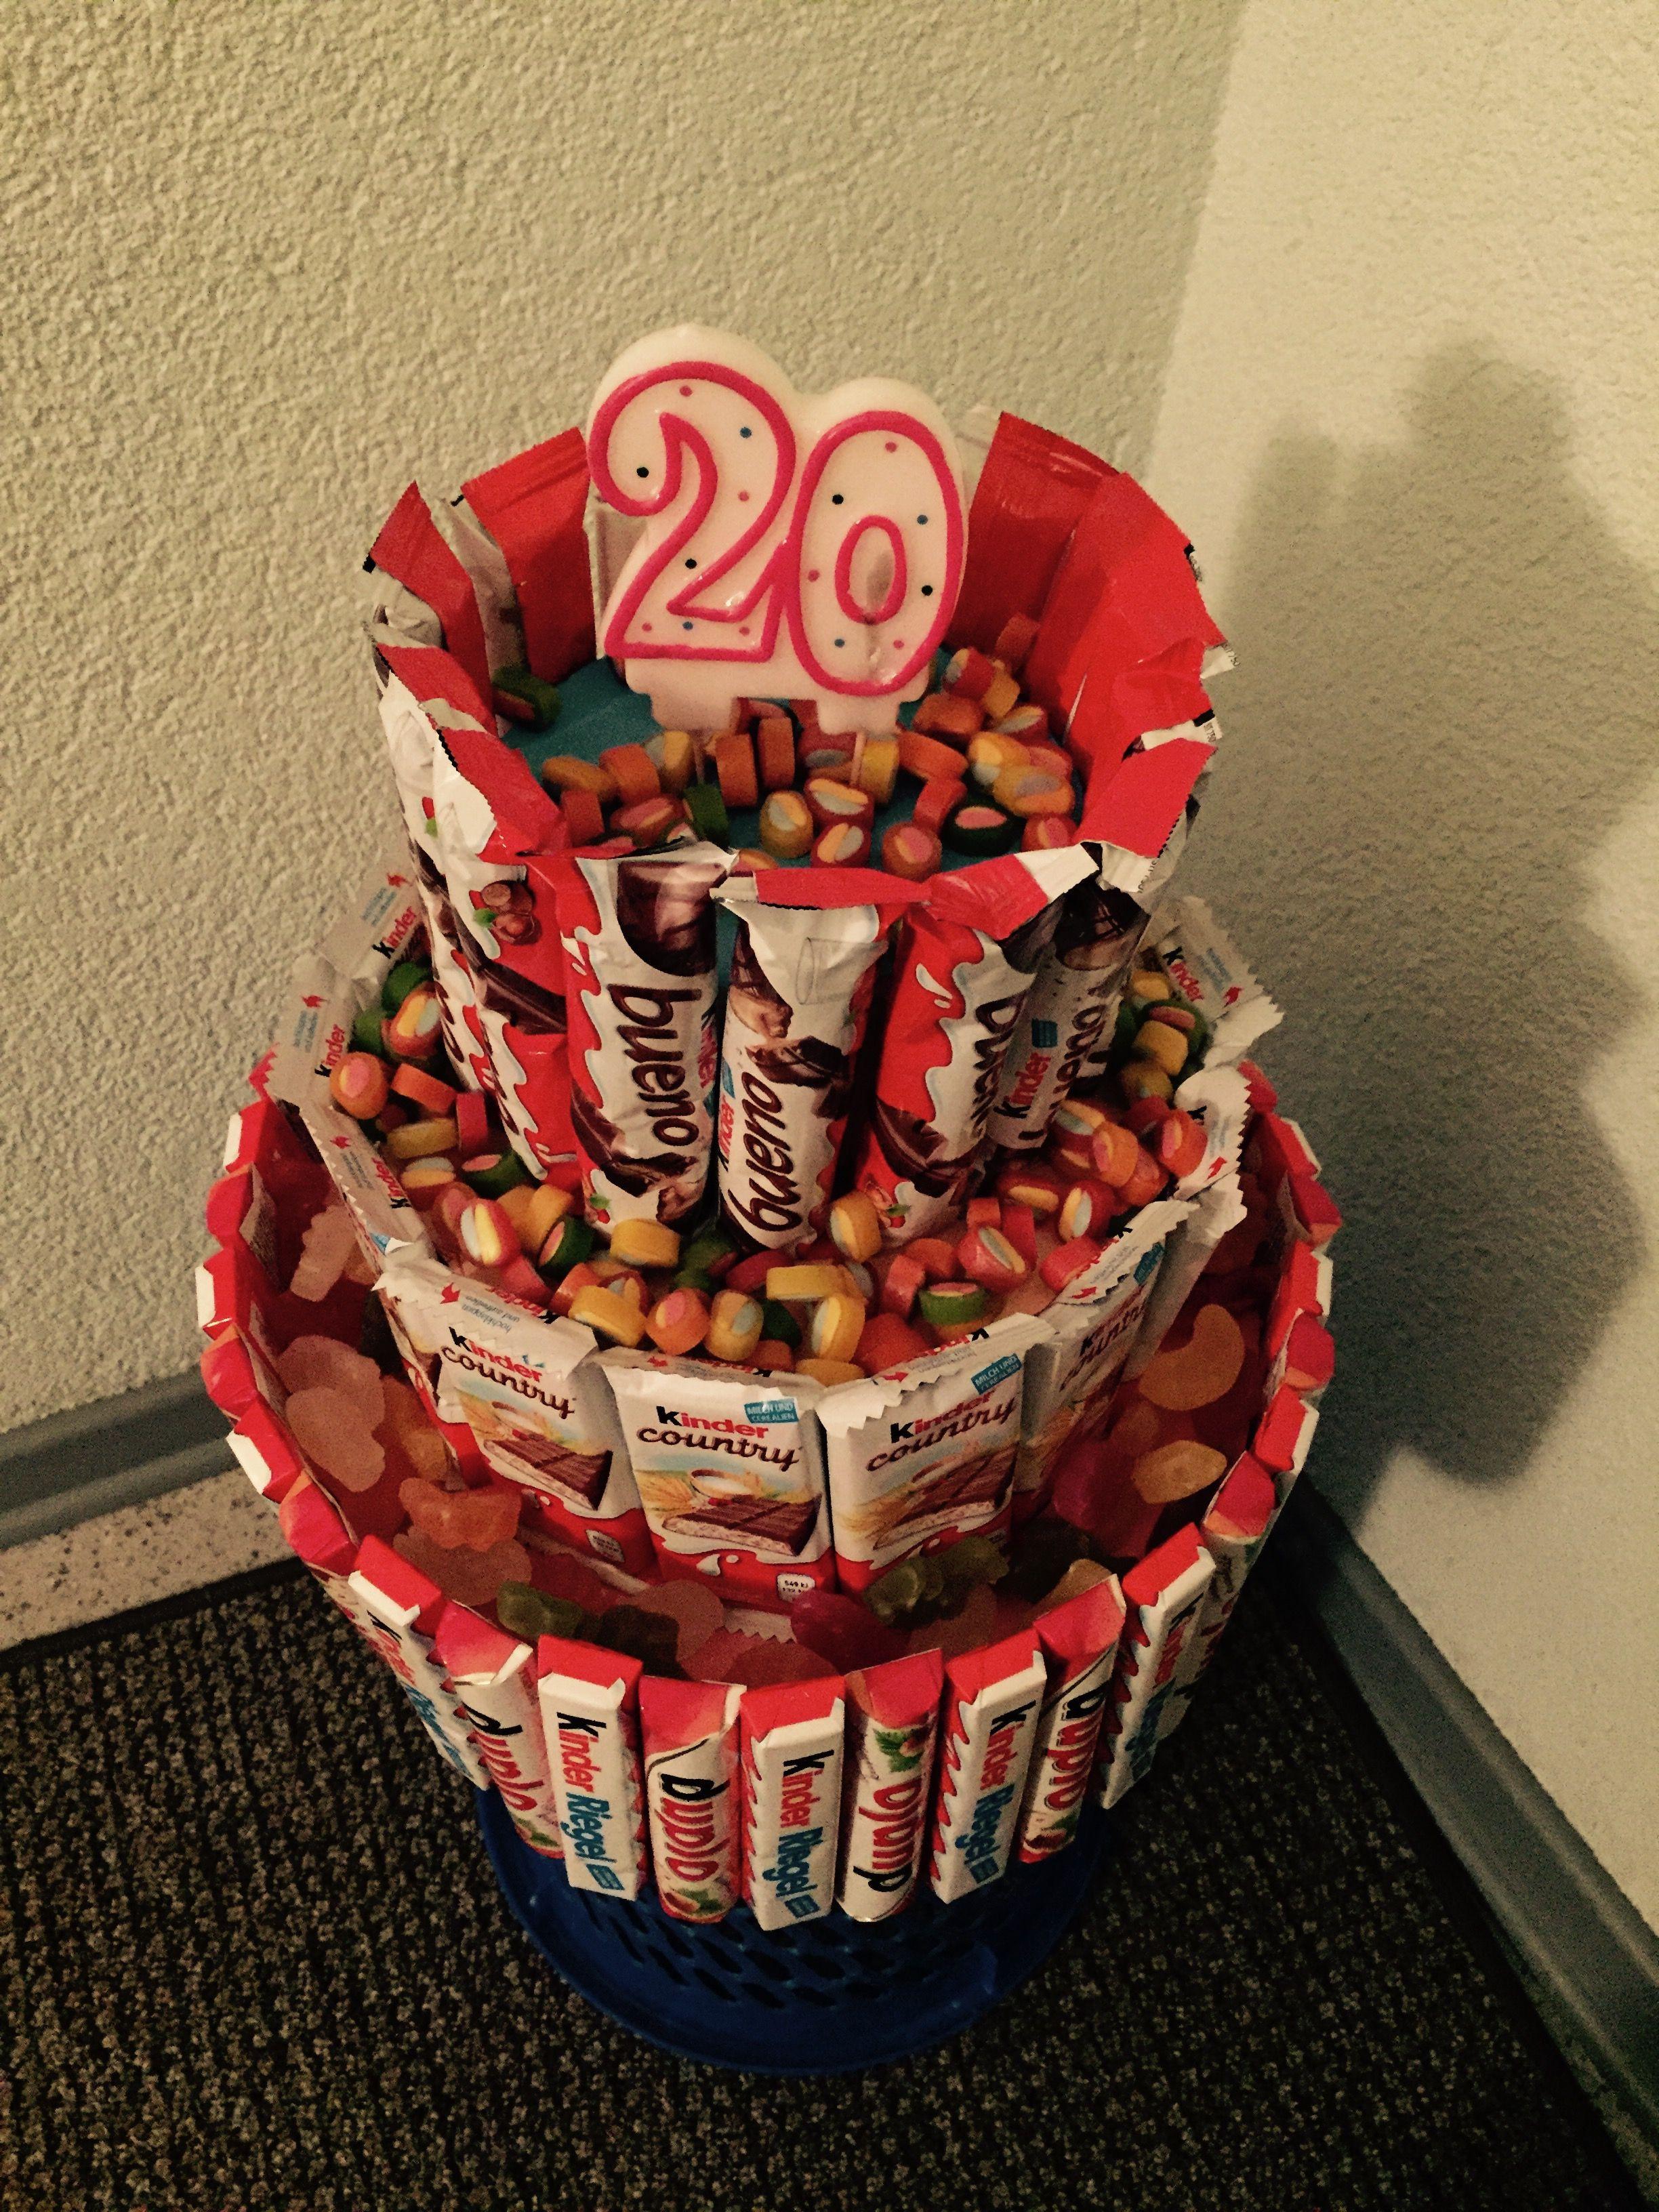 Geburtstag Geschenke Ideen  Geschenk zum 20 Geburtstag Kreativ